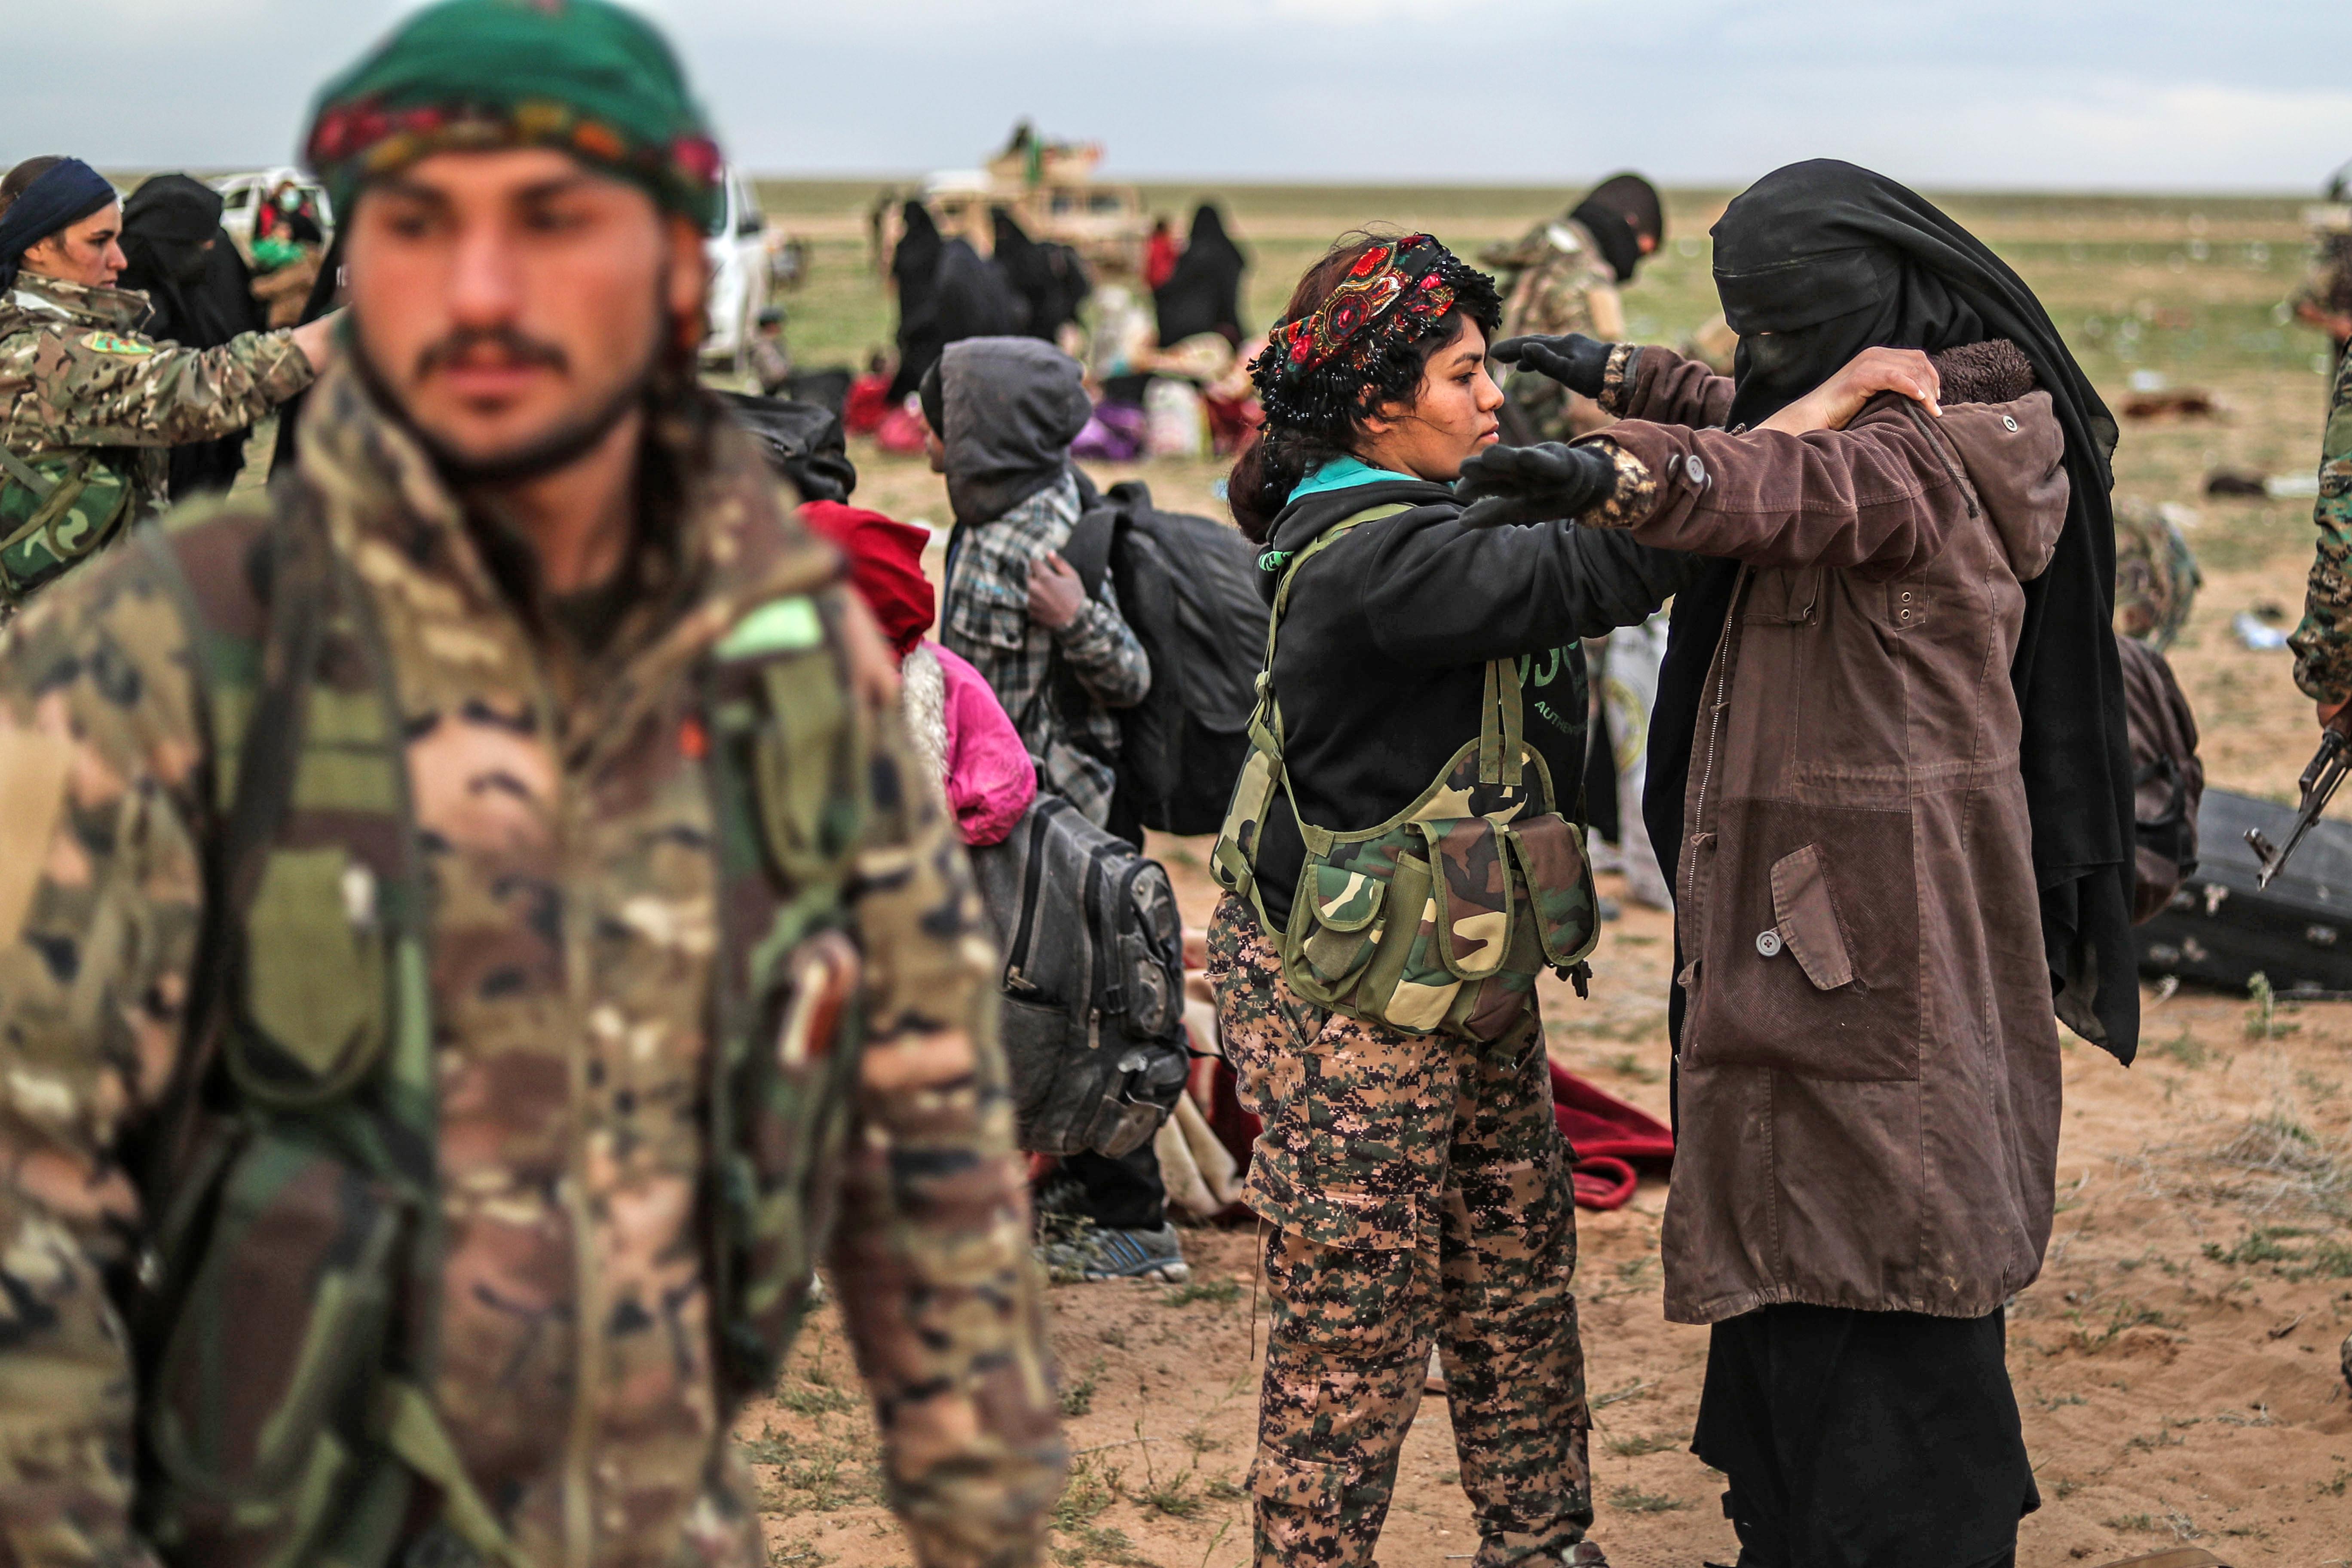 A török hadsereg még egy évig folytathatja a szíriai és iraki műveleteit